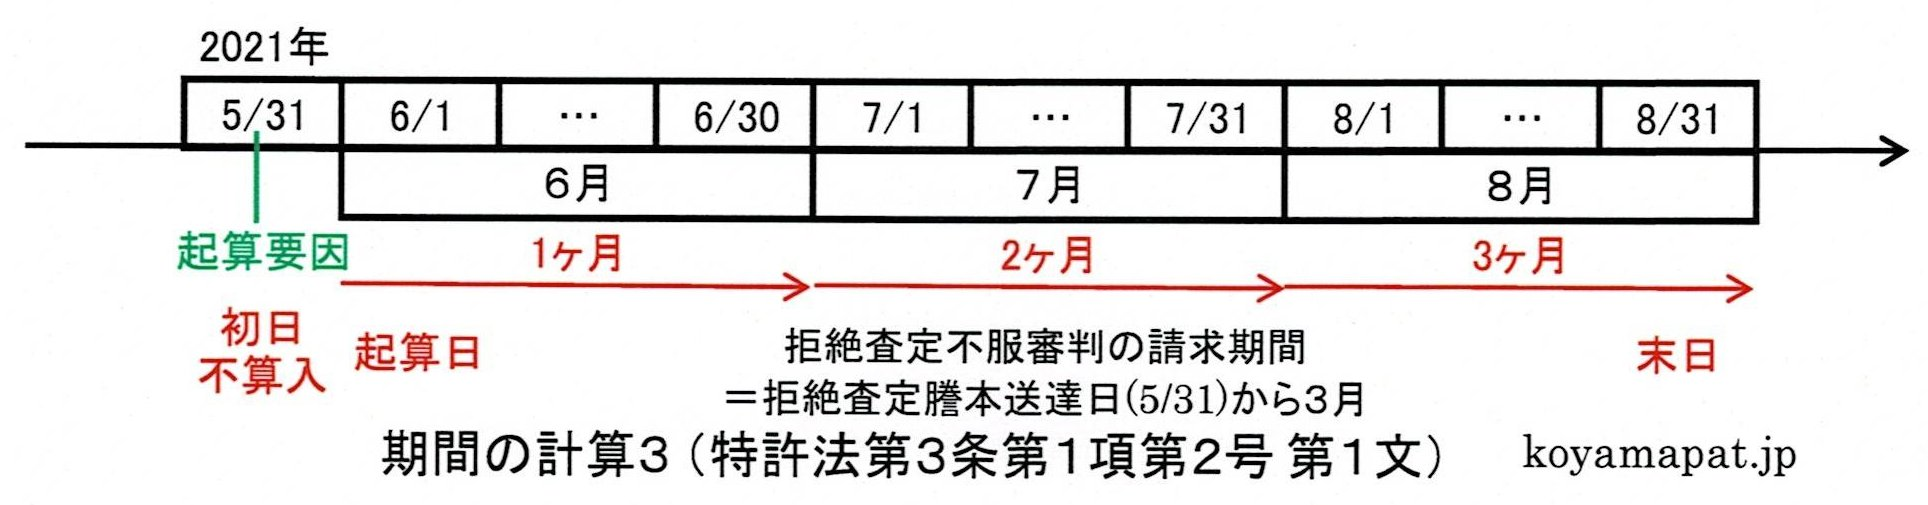 期間の計算3(特許法第3条第1項第2号第1文):期間を定めるのに月又は年をもってしたときは暦に従う(月又は年の始から期間を起算するときは暦どおり)